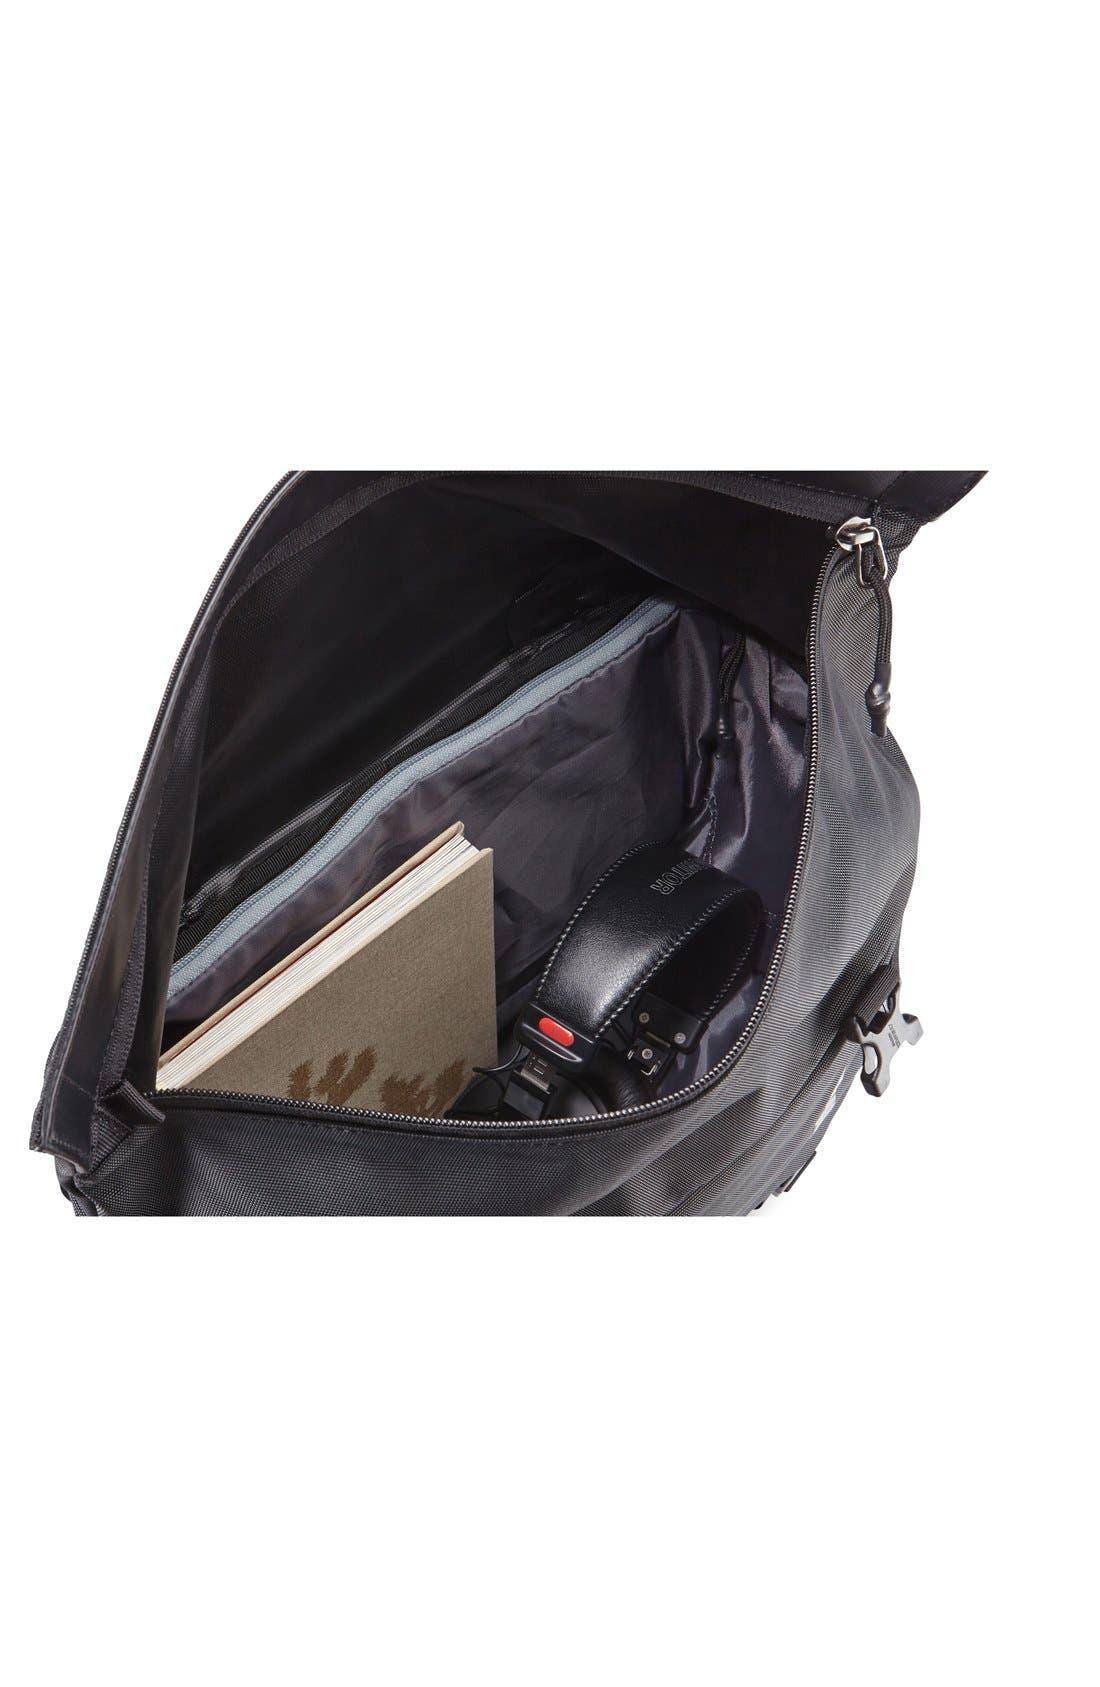 Alternate Image 3  - Thule Covert DSLR Backpack